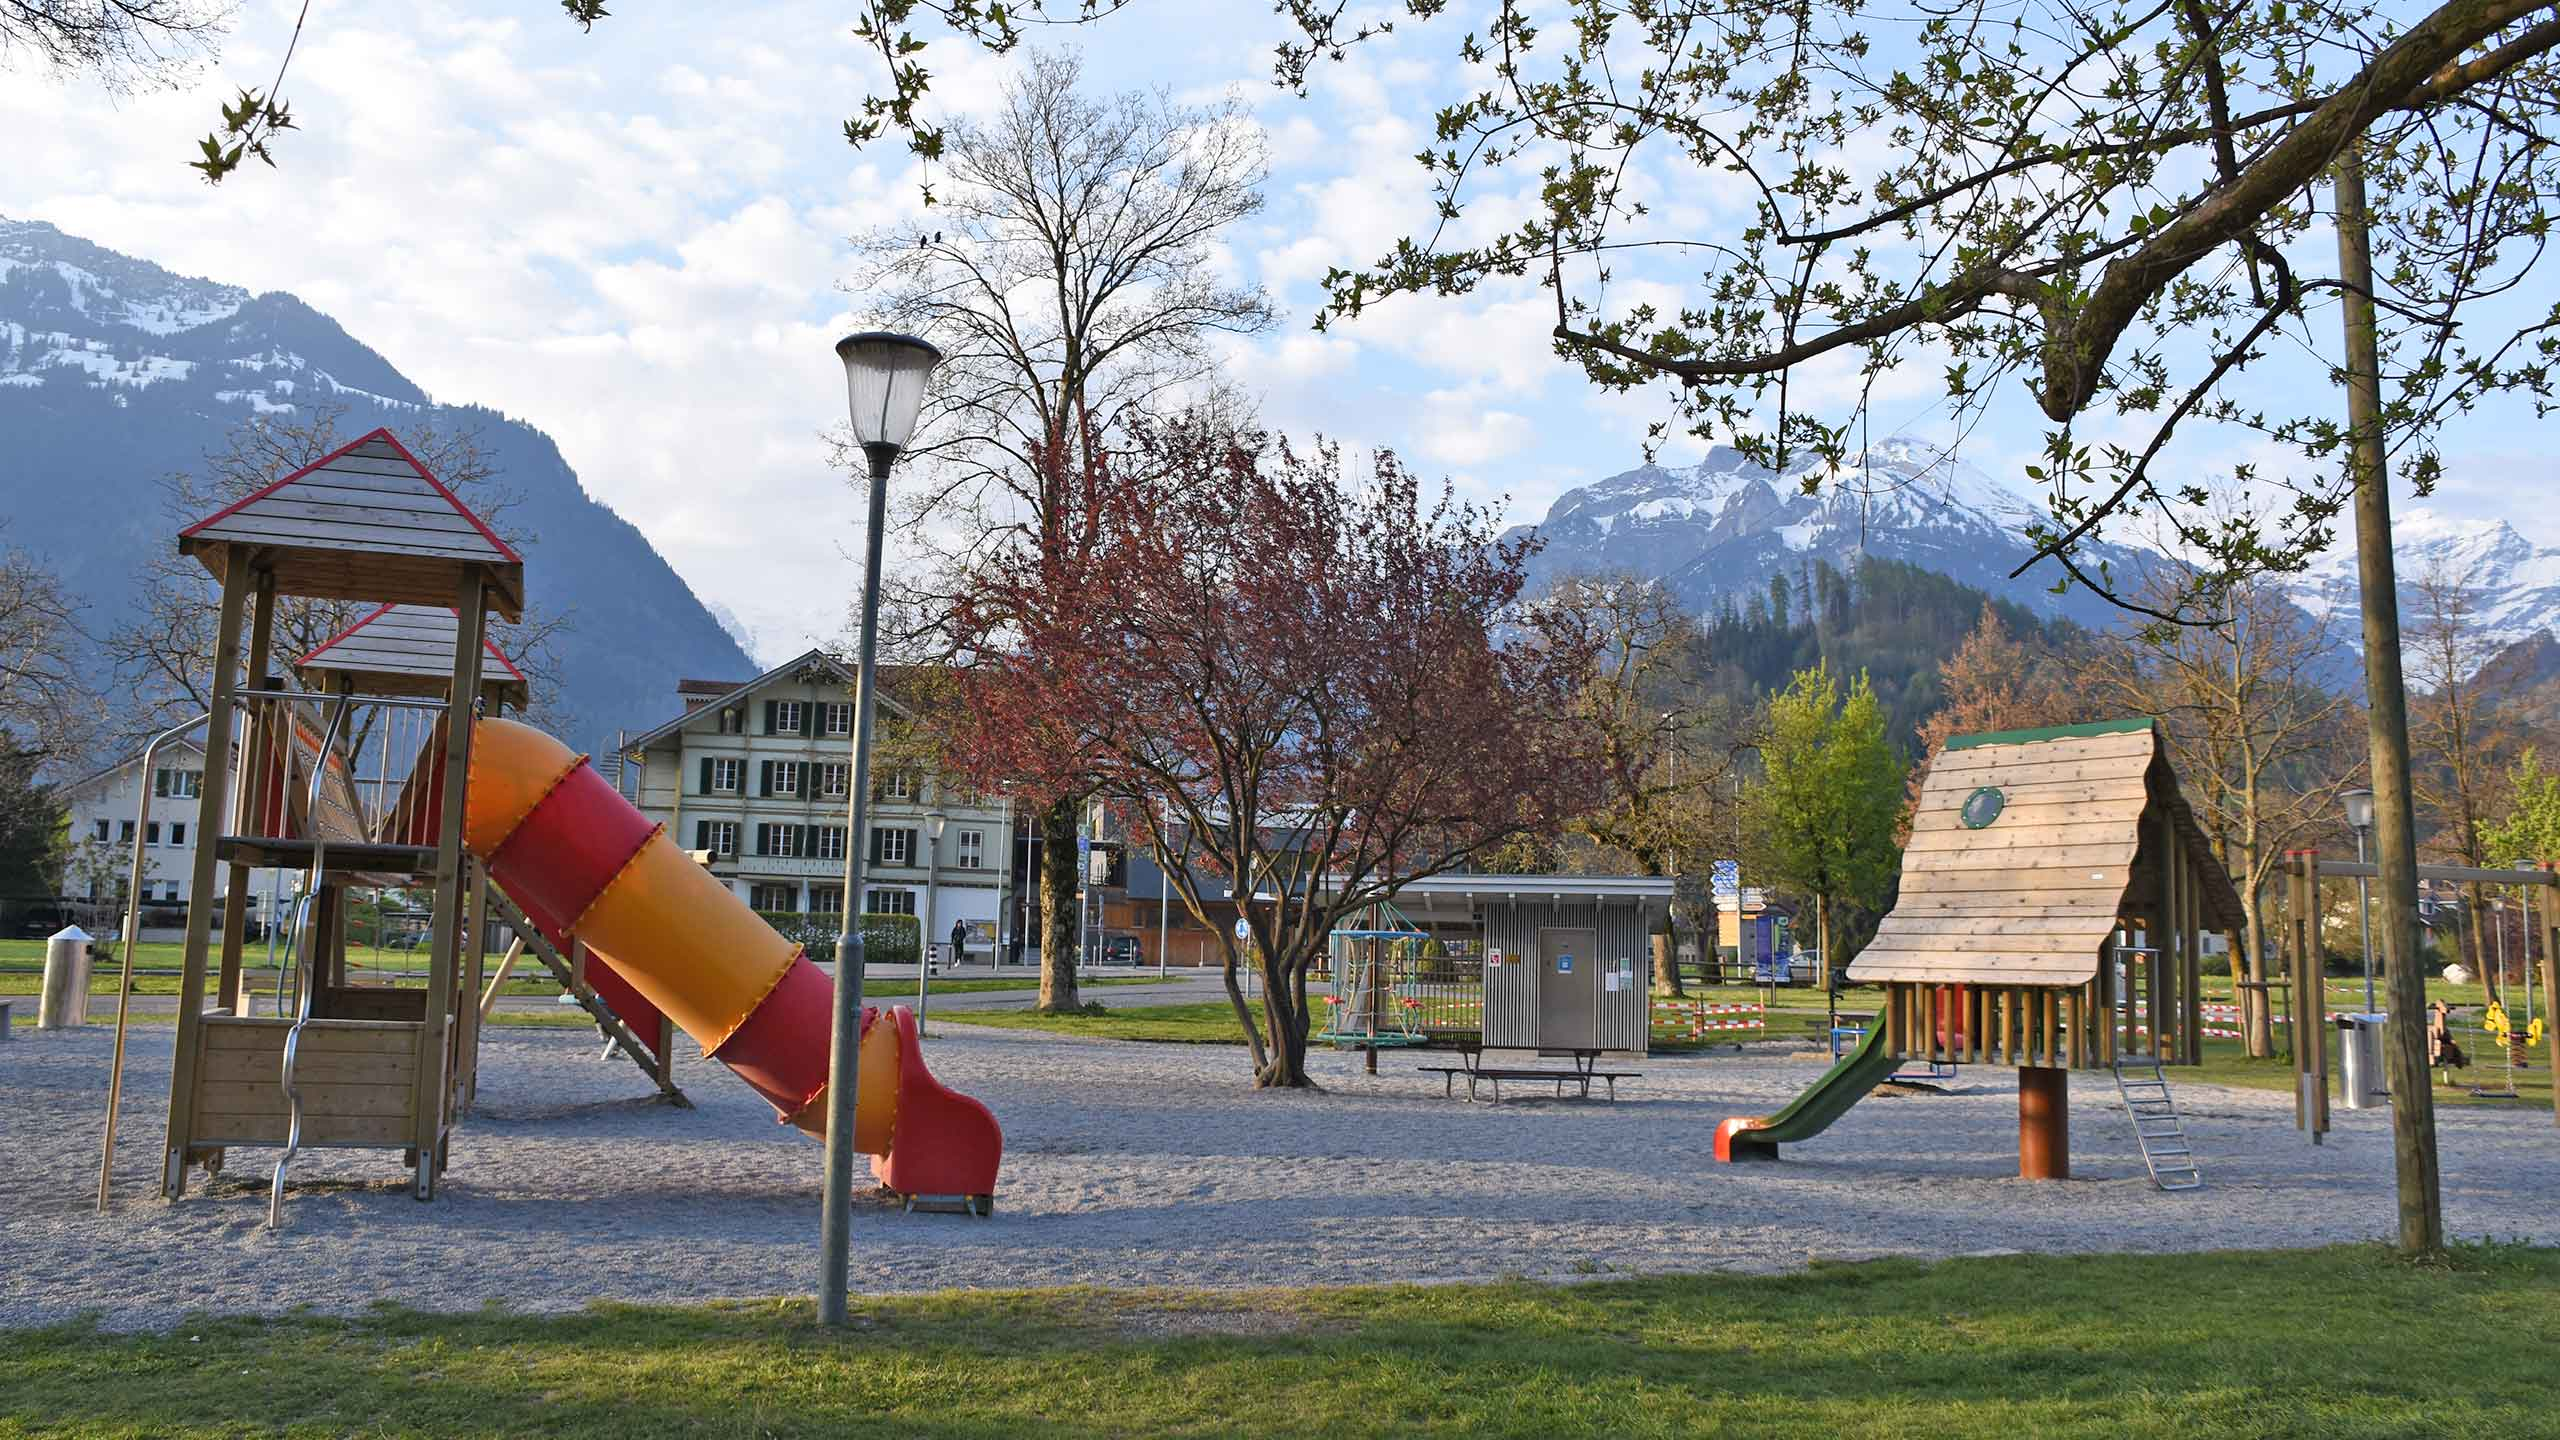 spielplatz-hoehematte-interlaken-rutschbahn-spielgelaende.jpg